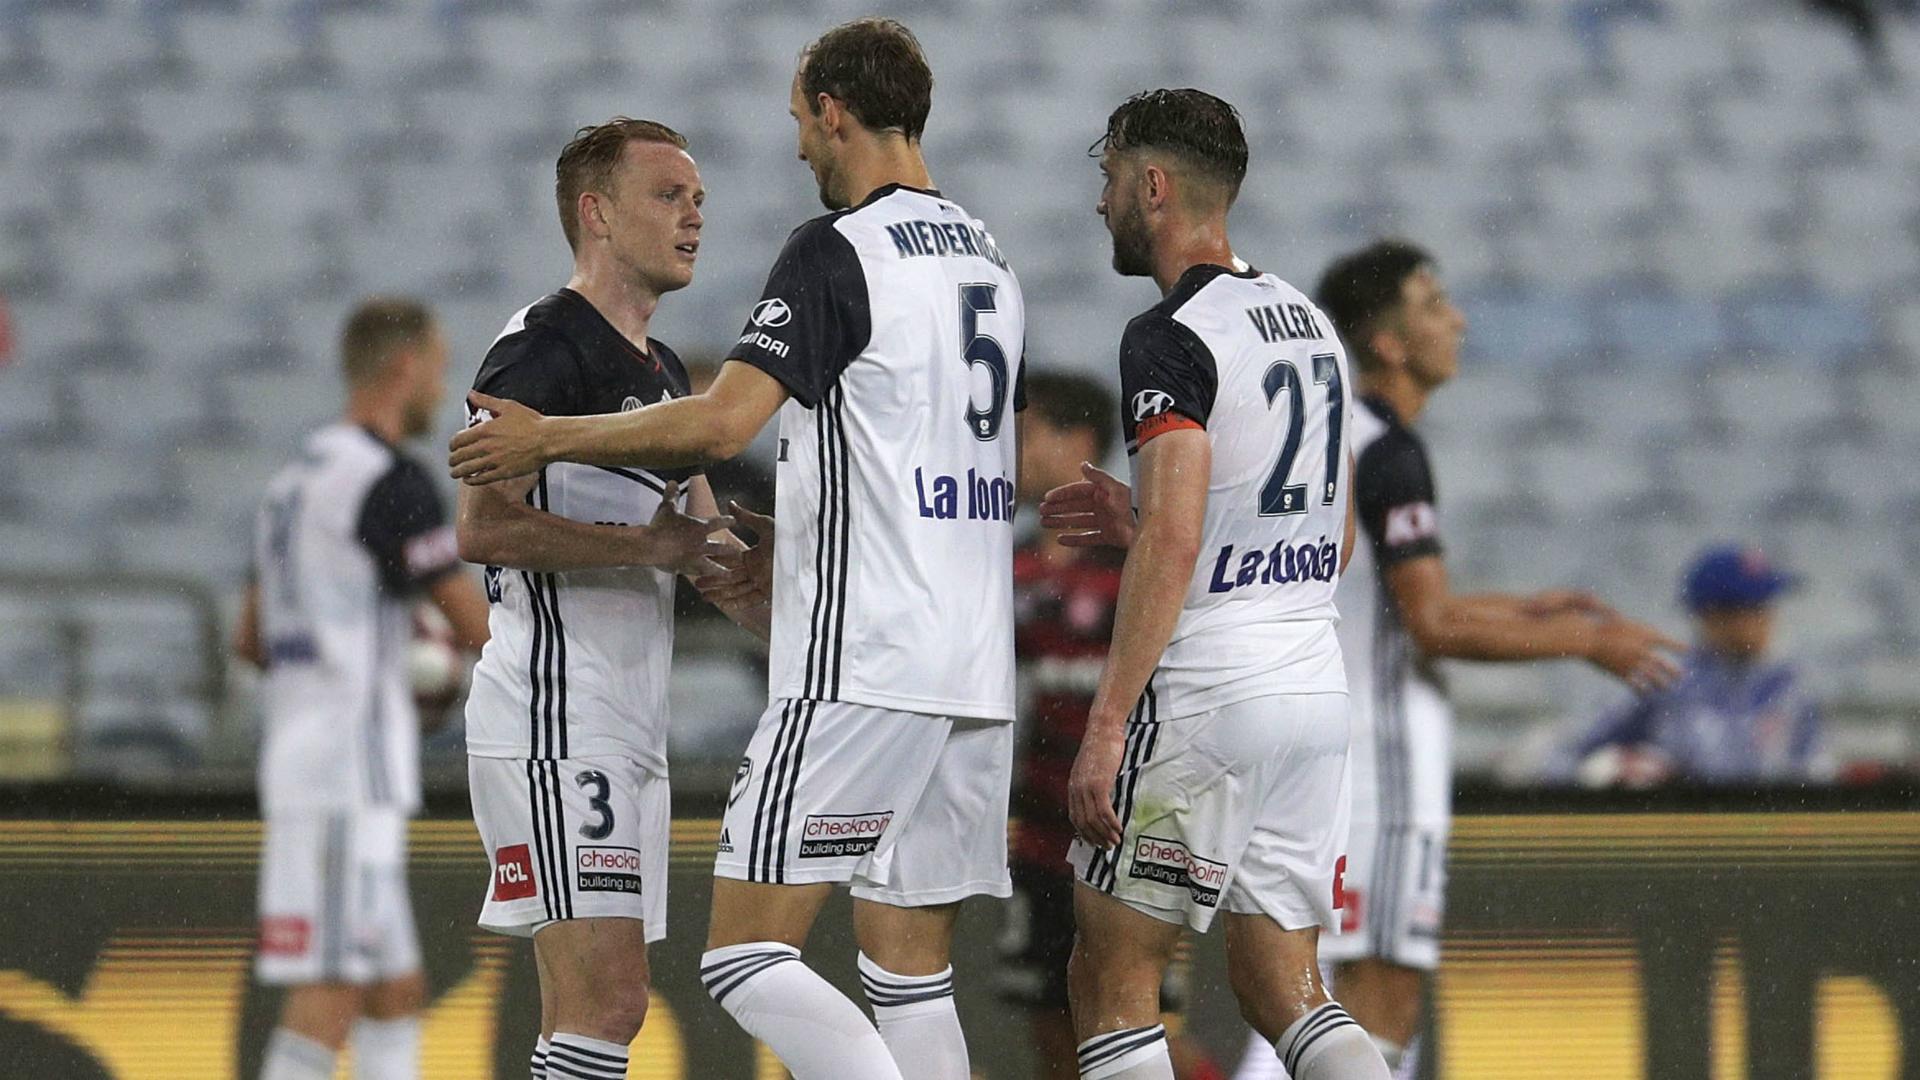 A-League Review: Toivonen sends Melbourne Victory top